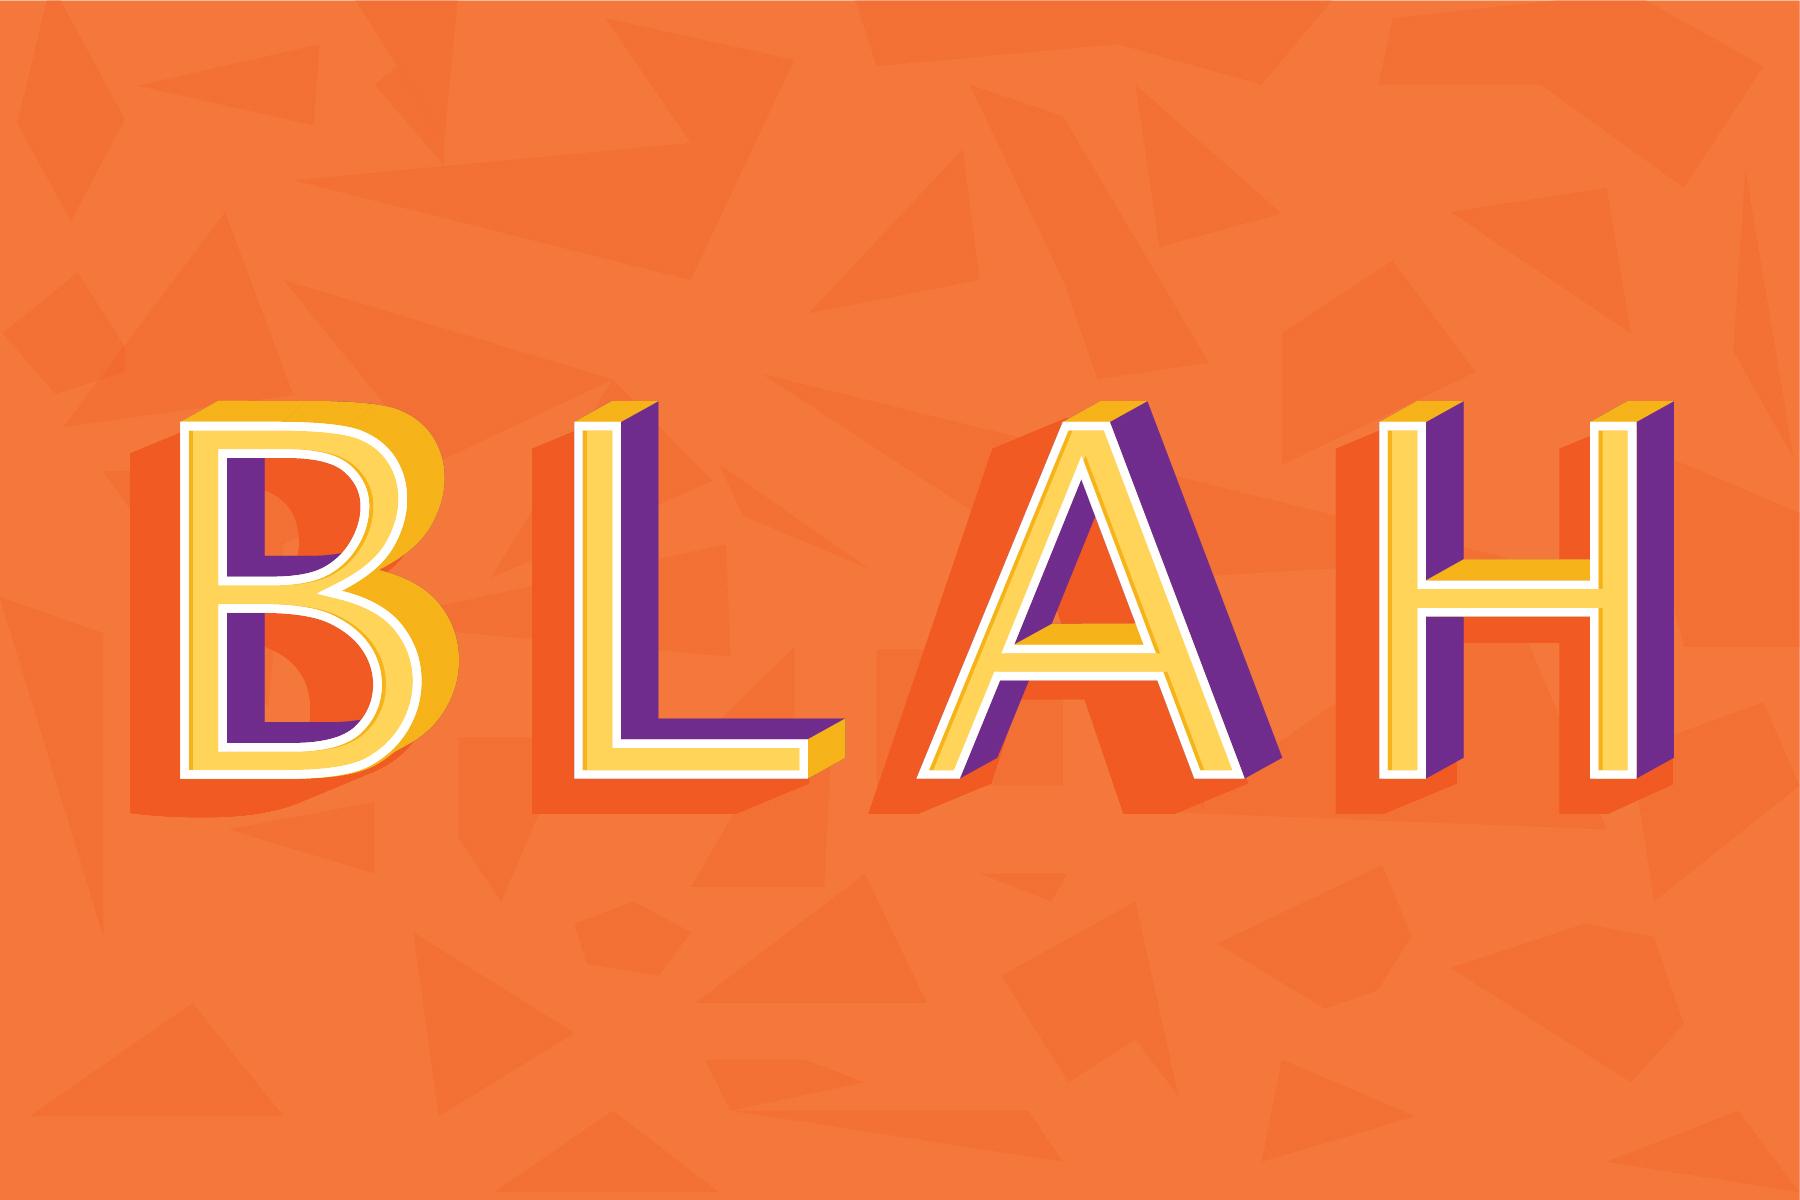 blah2-01.jpg